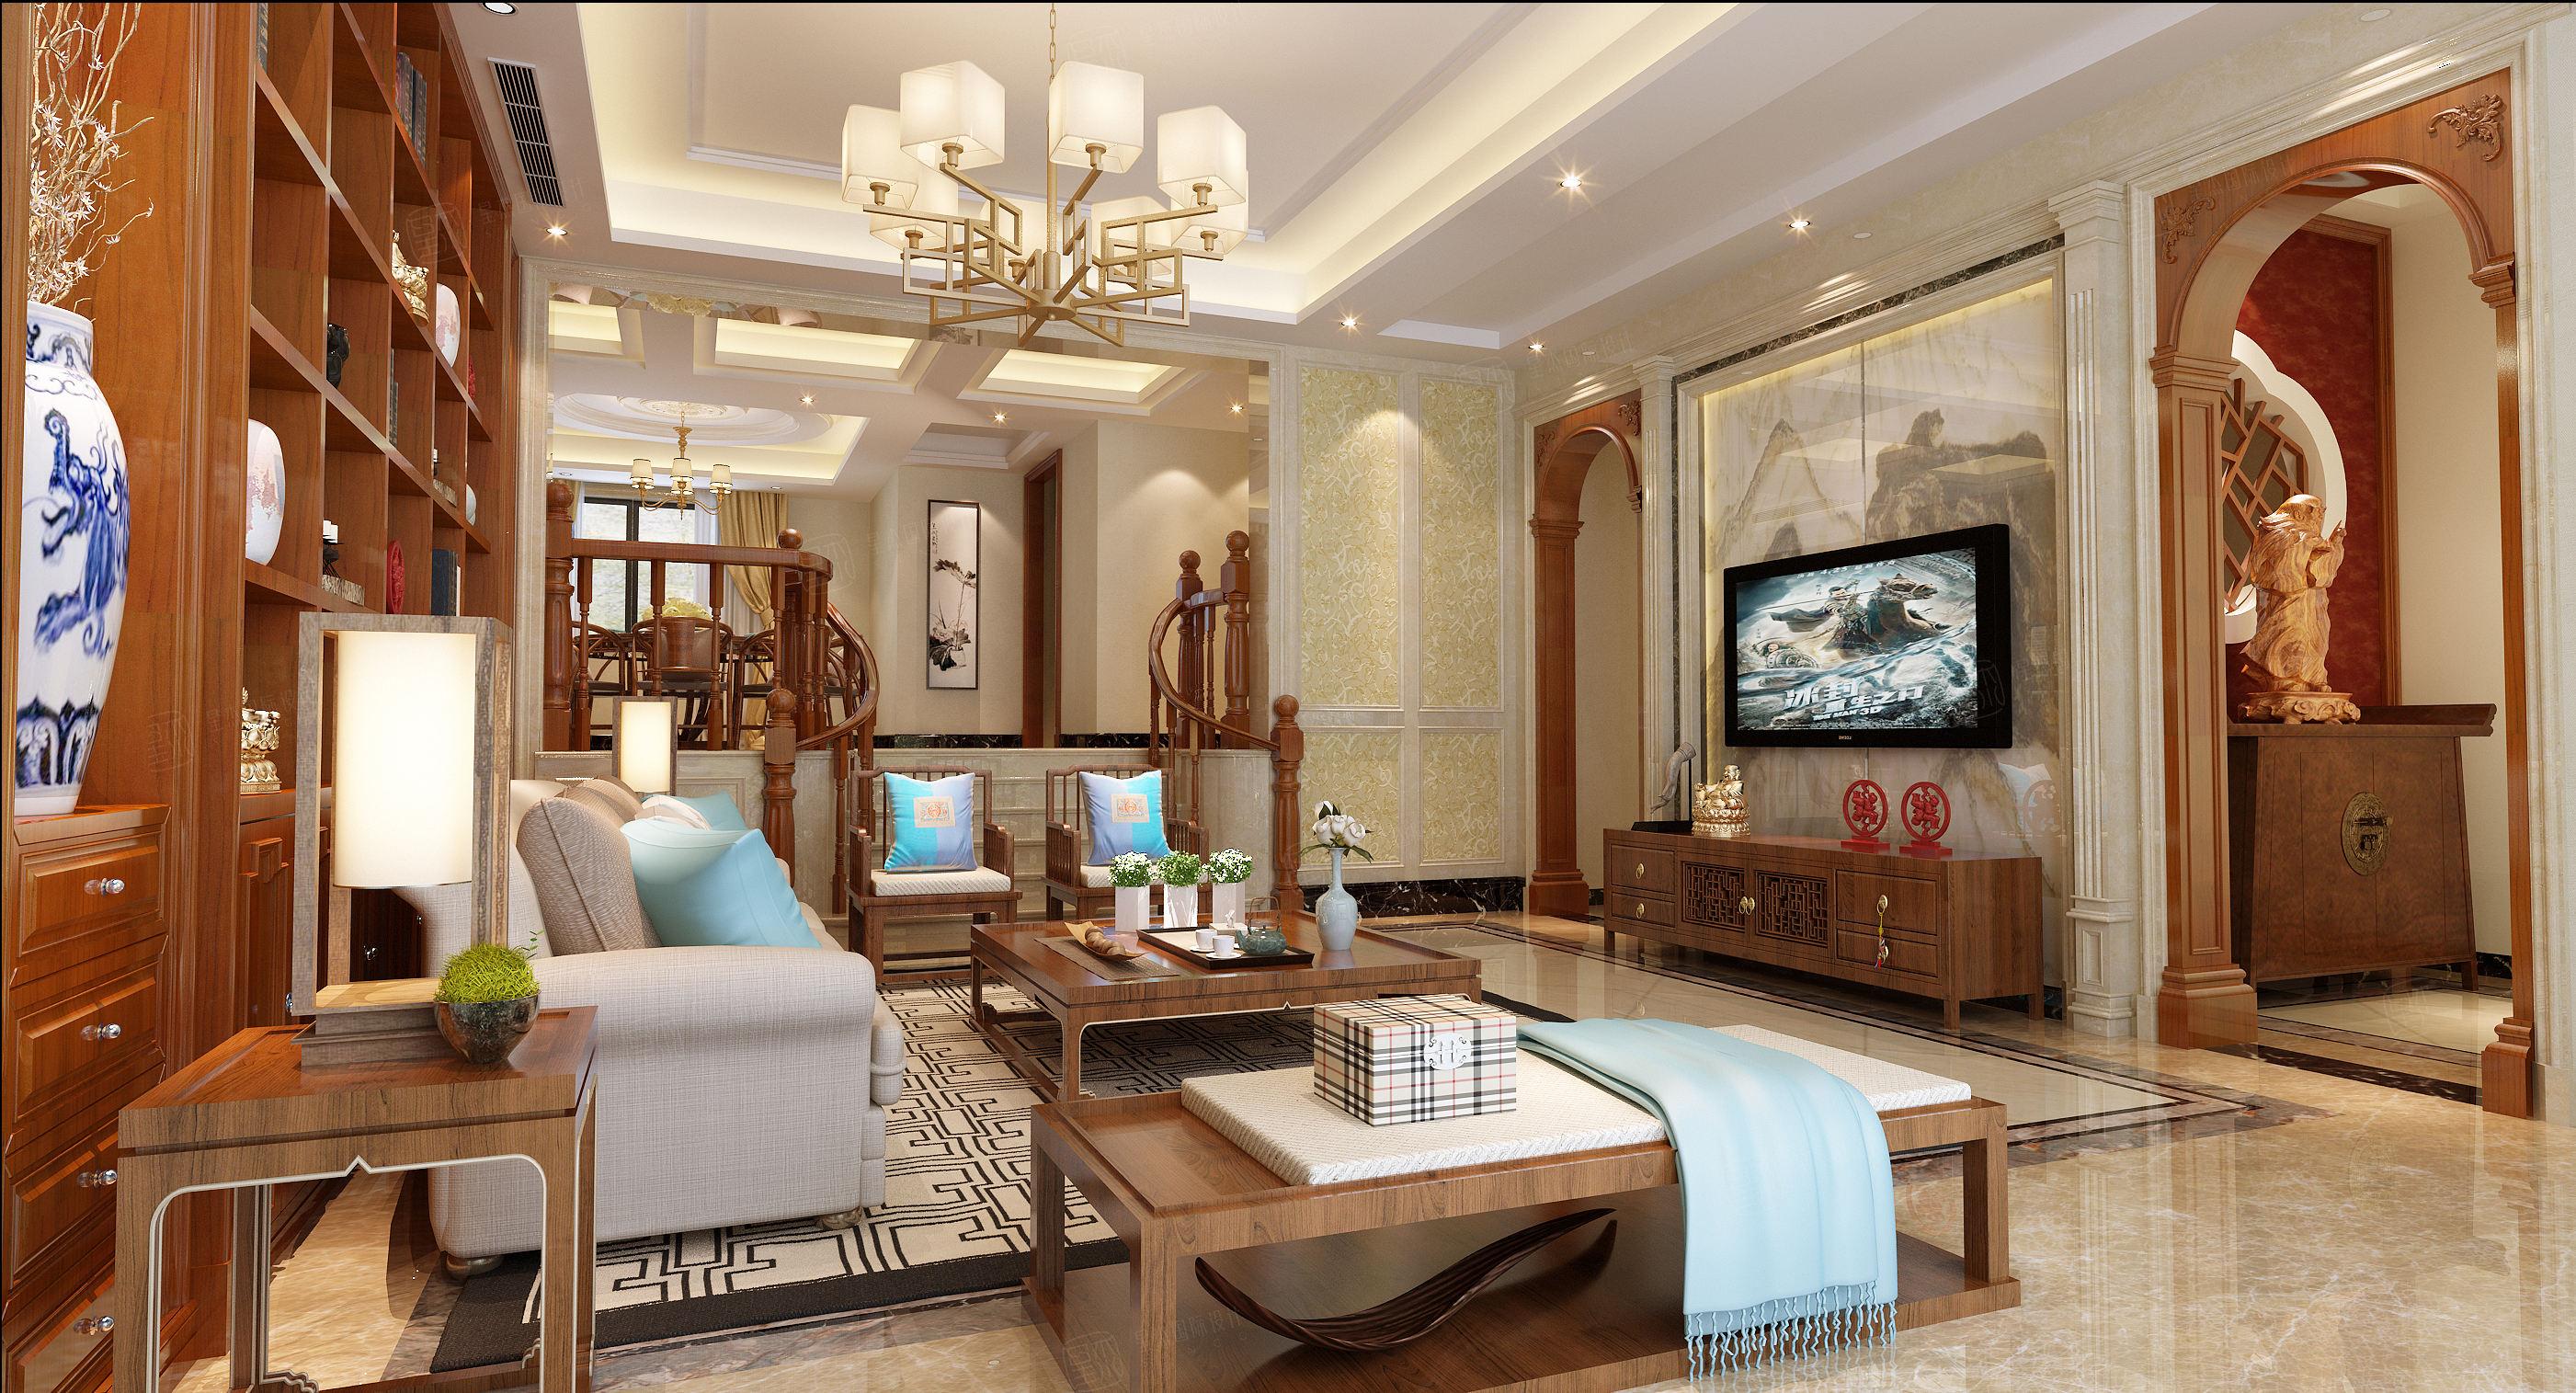 宁波案例库  望湖府邸  中式混搭装修客厅效果图